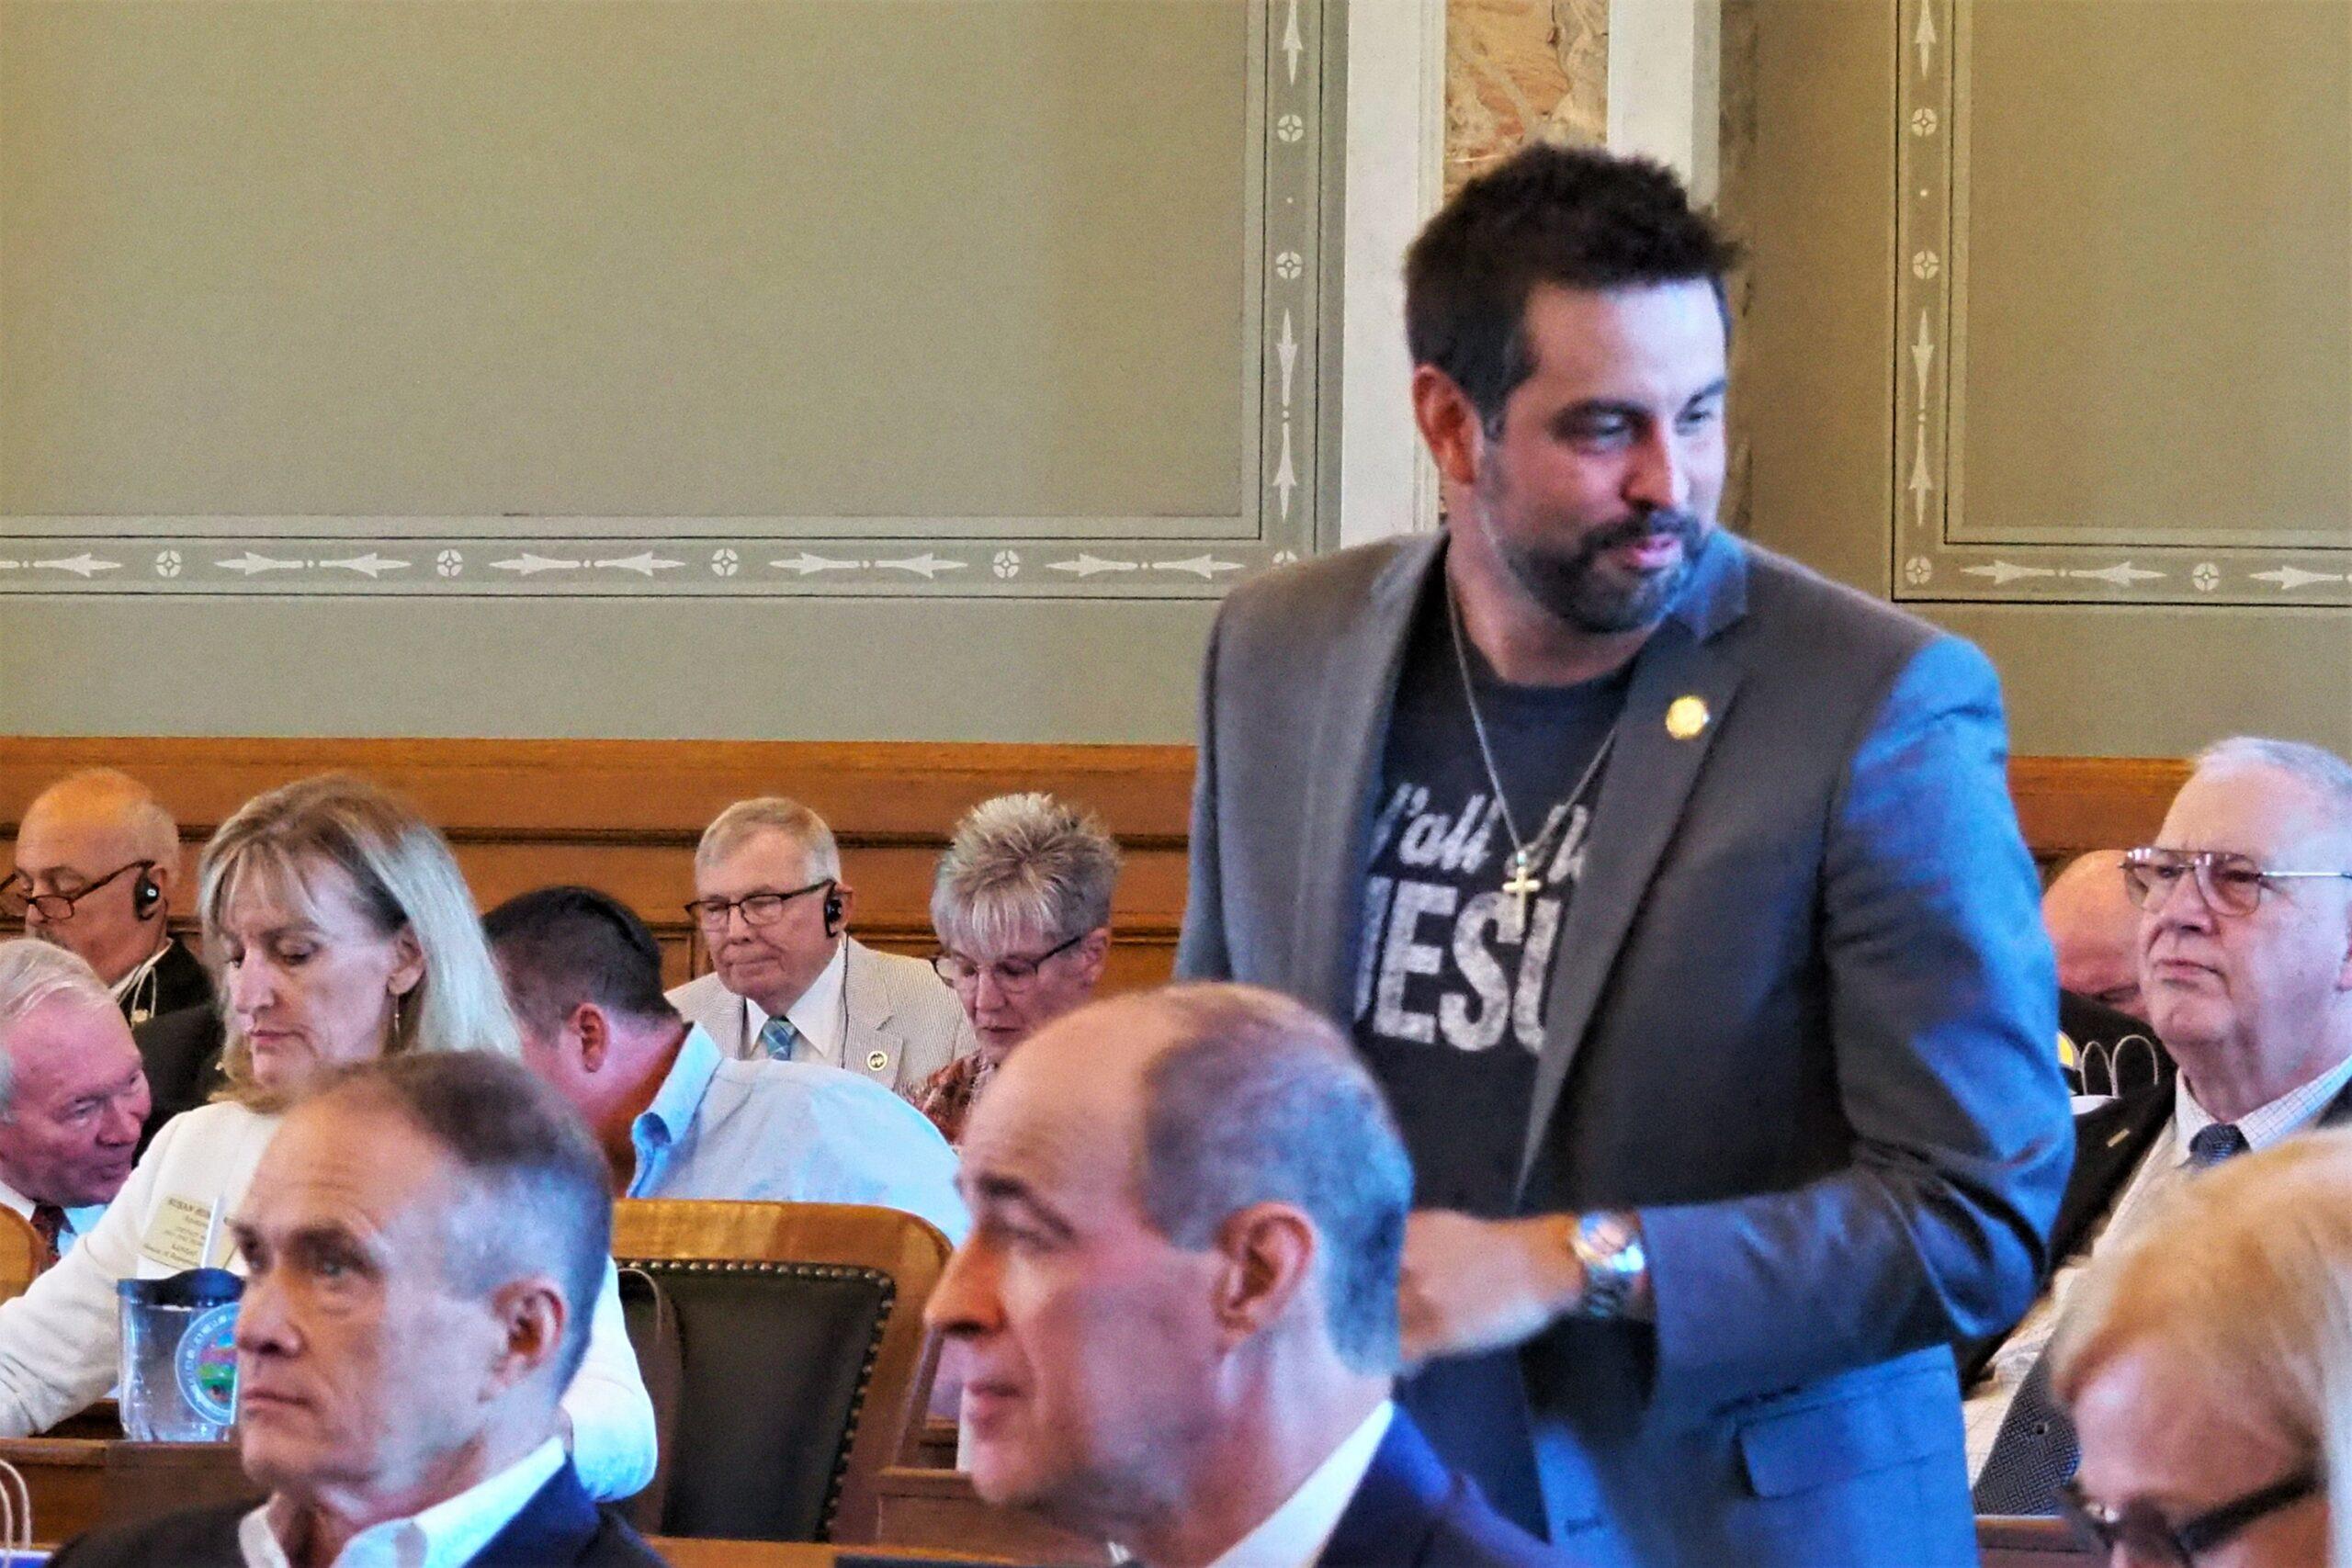 Kansas GOP lawmaker describes peculiar school incident as potential 'psychotic episode'